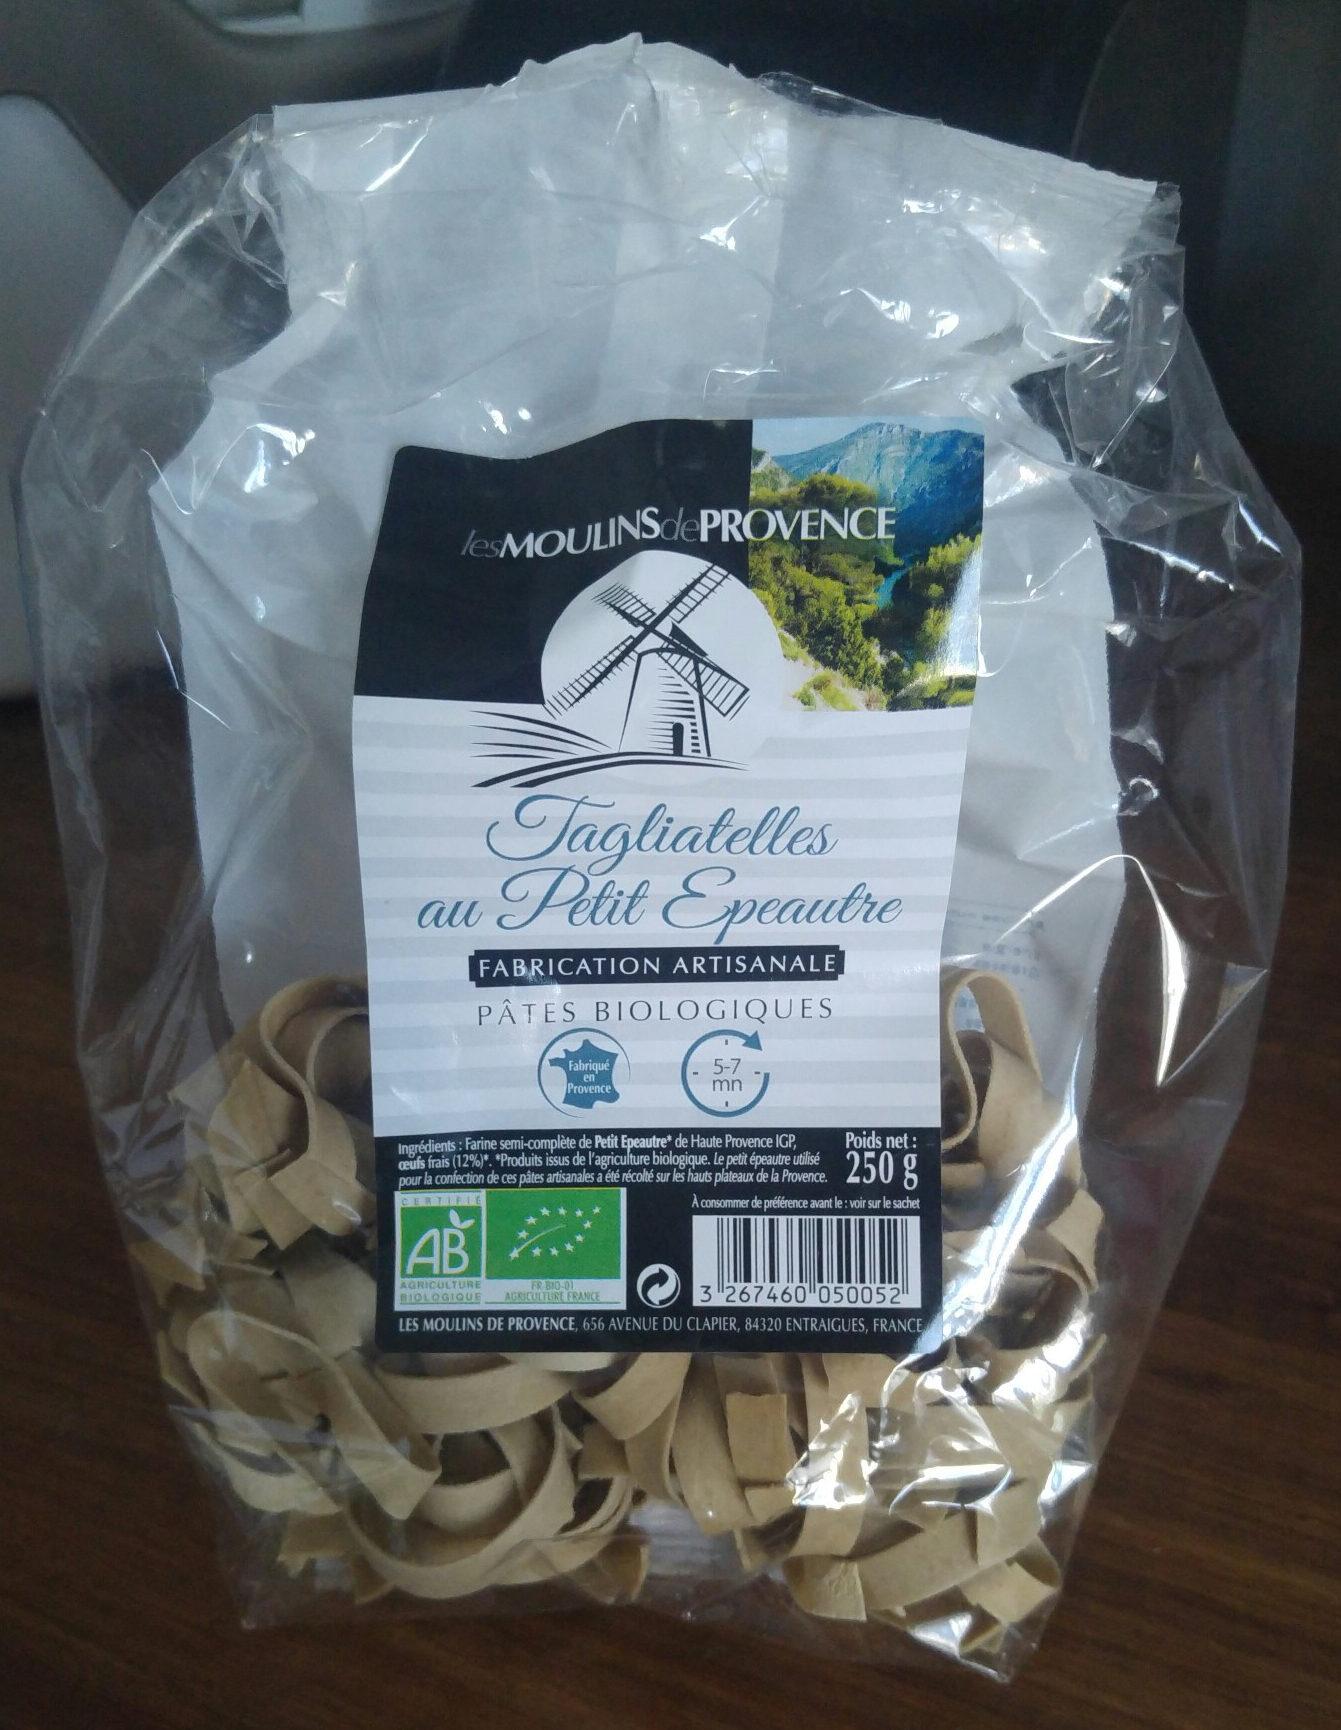 Tagliatelles de petit epeautre aux oeufs - Product